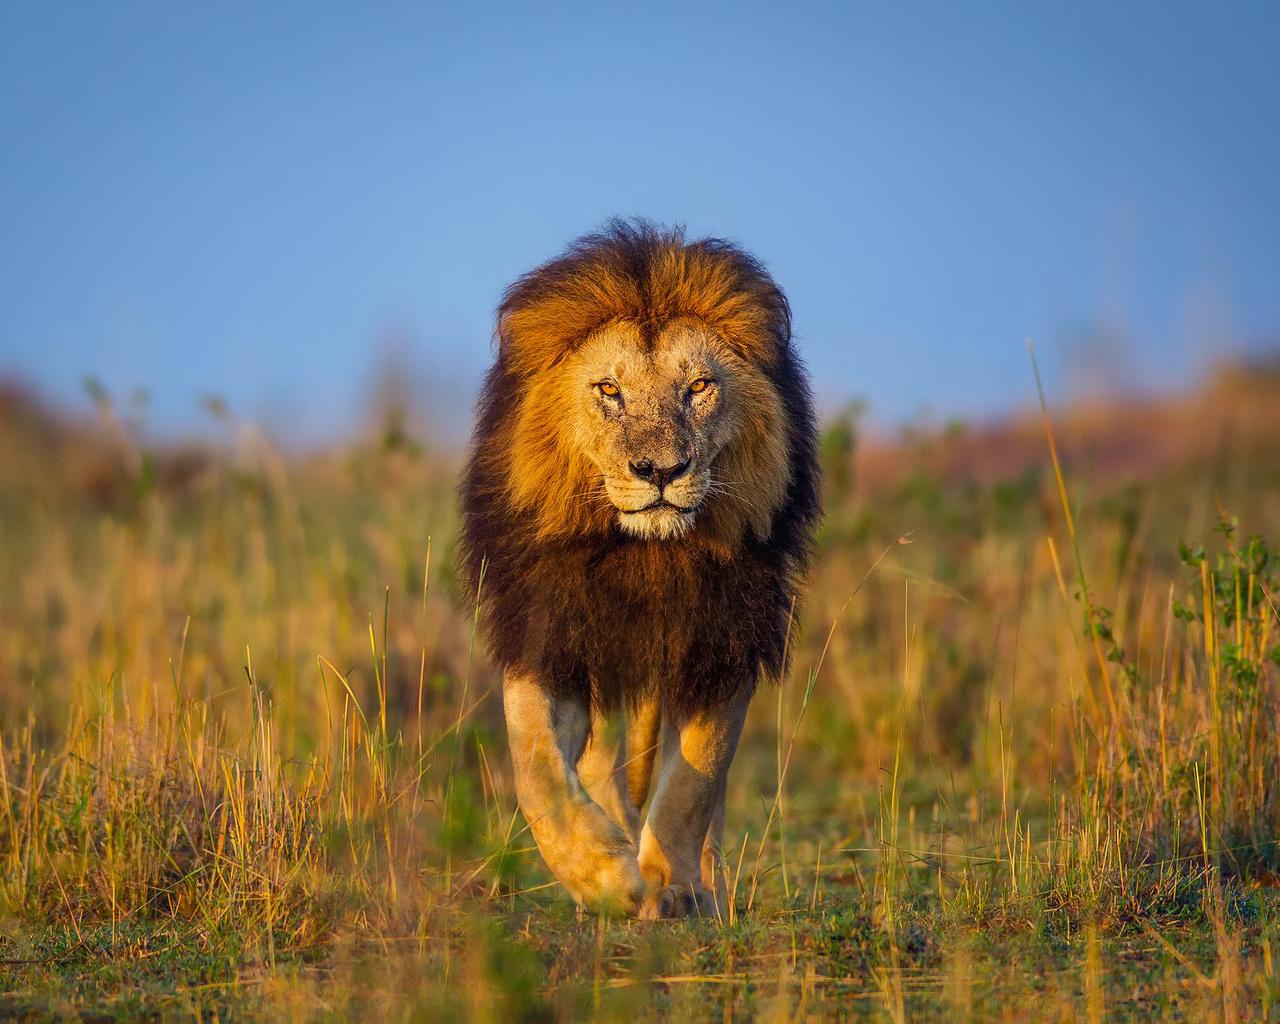 картинки про львов в африке буду